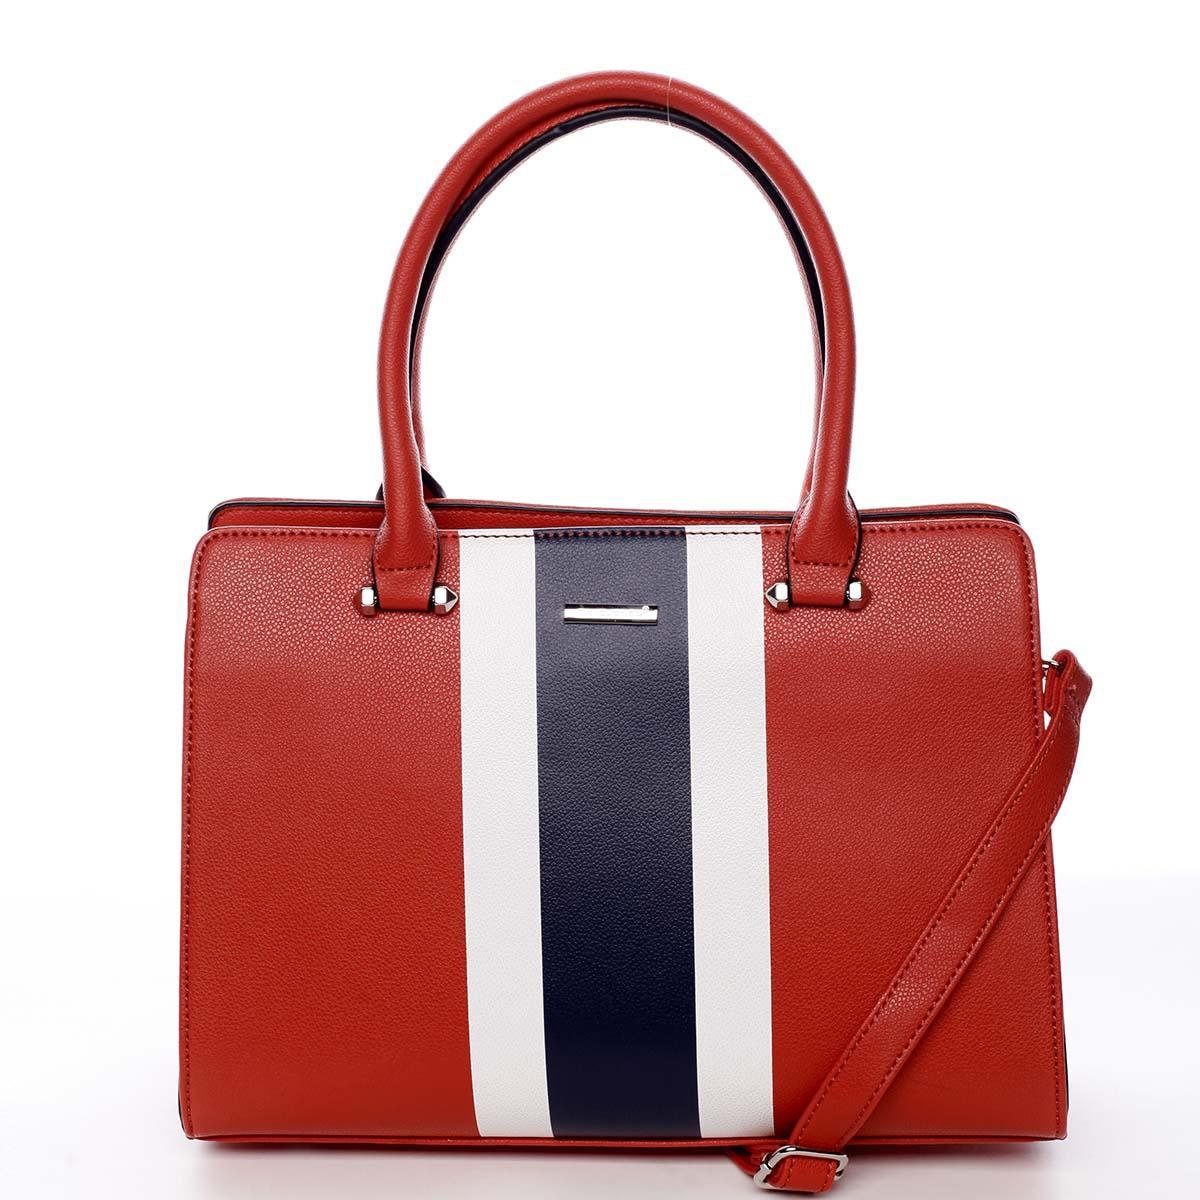 Exkluzivní dámská kabelka do ruky červená - David Jones Shabanax